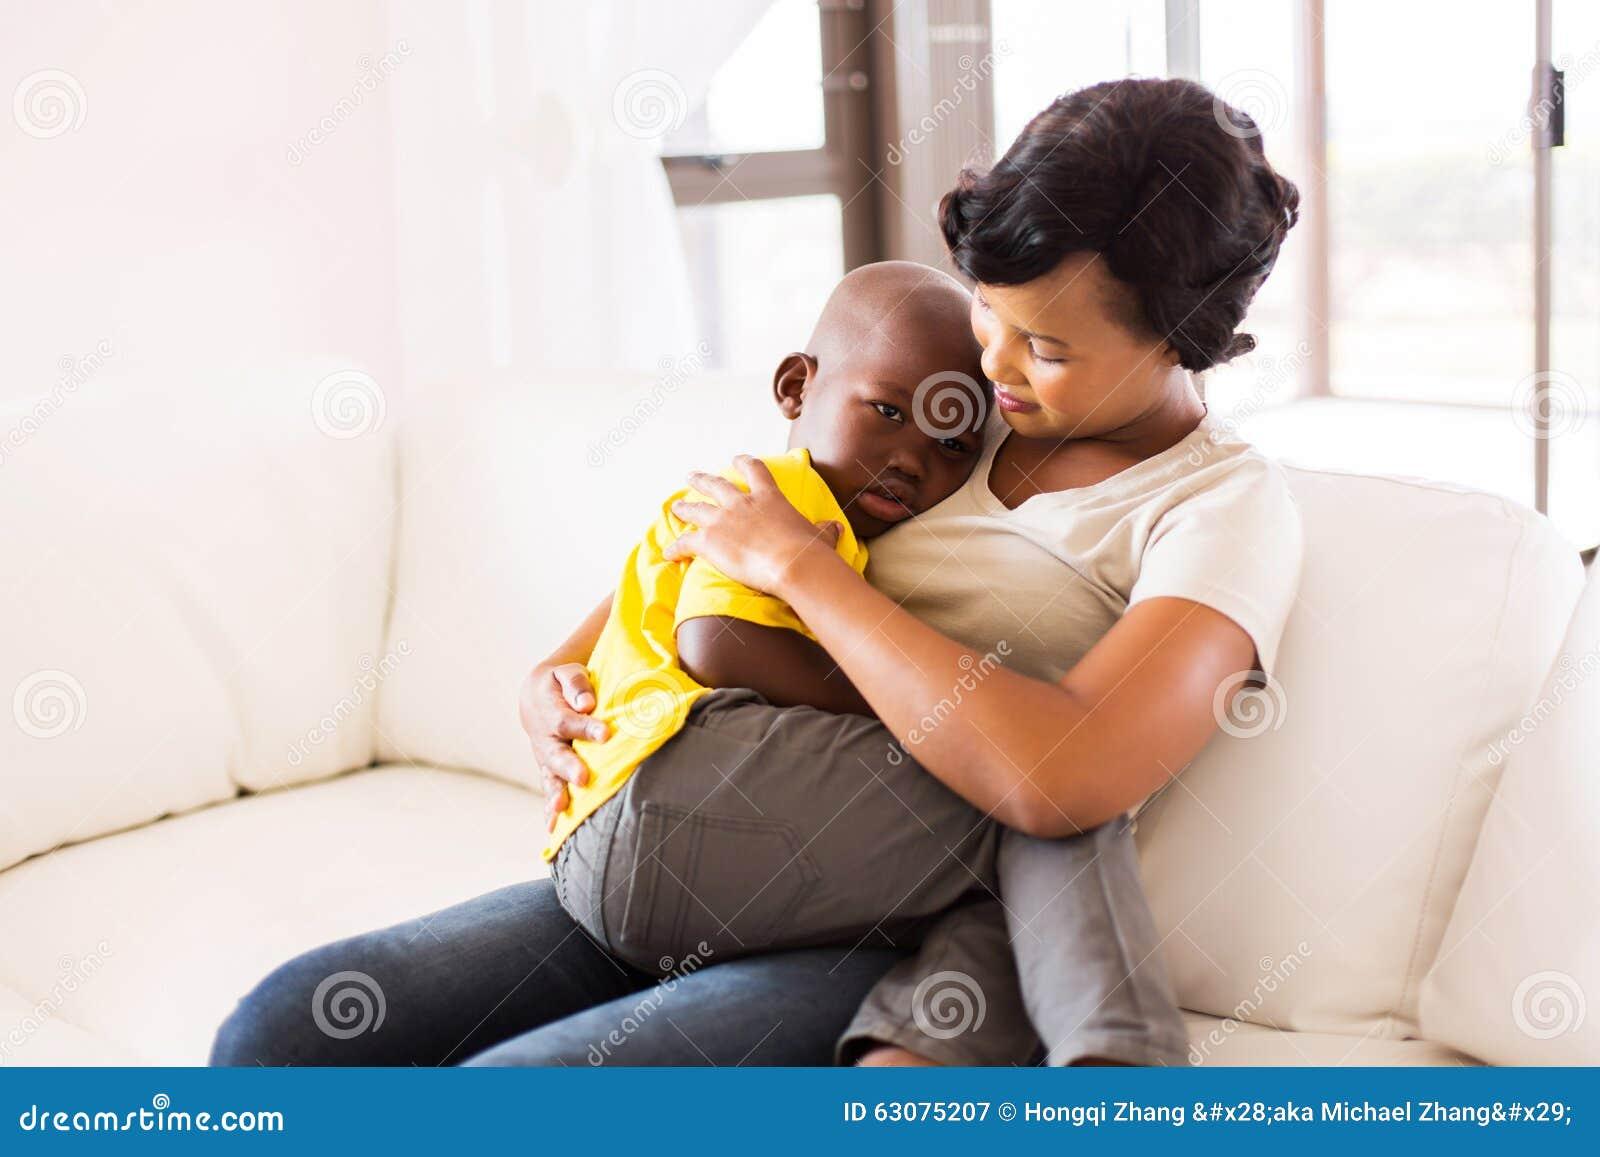 Download Mère étreignant son fils image stock. Image du enfant - 63075207